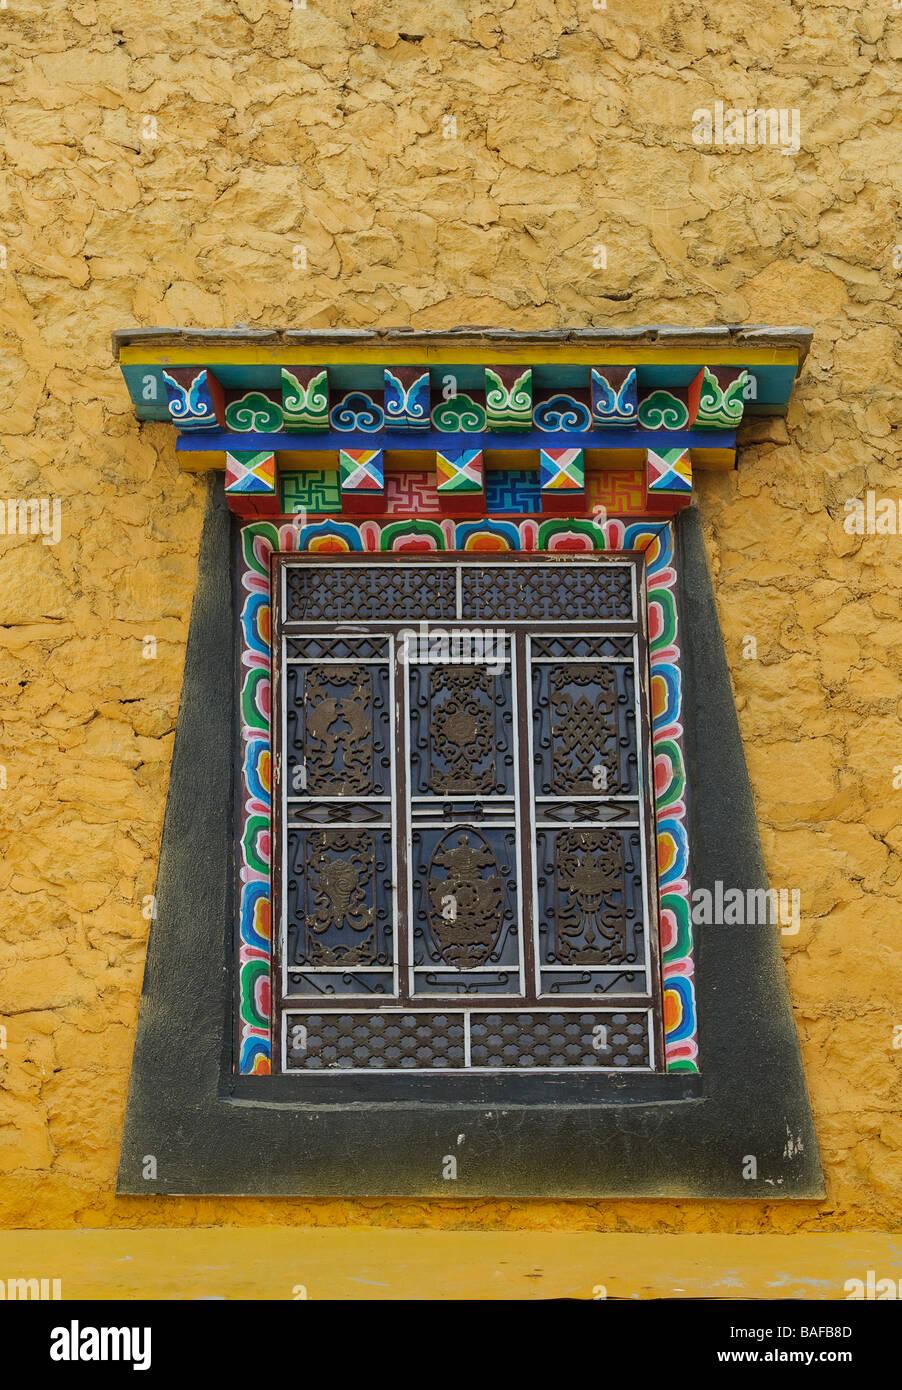 Dettagli architettonici di songzanlin monastero tibetano shangri la Cina Immagini Stock